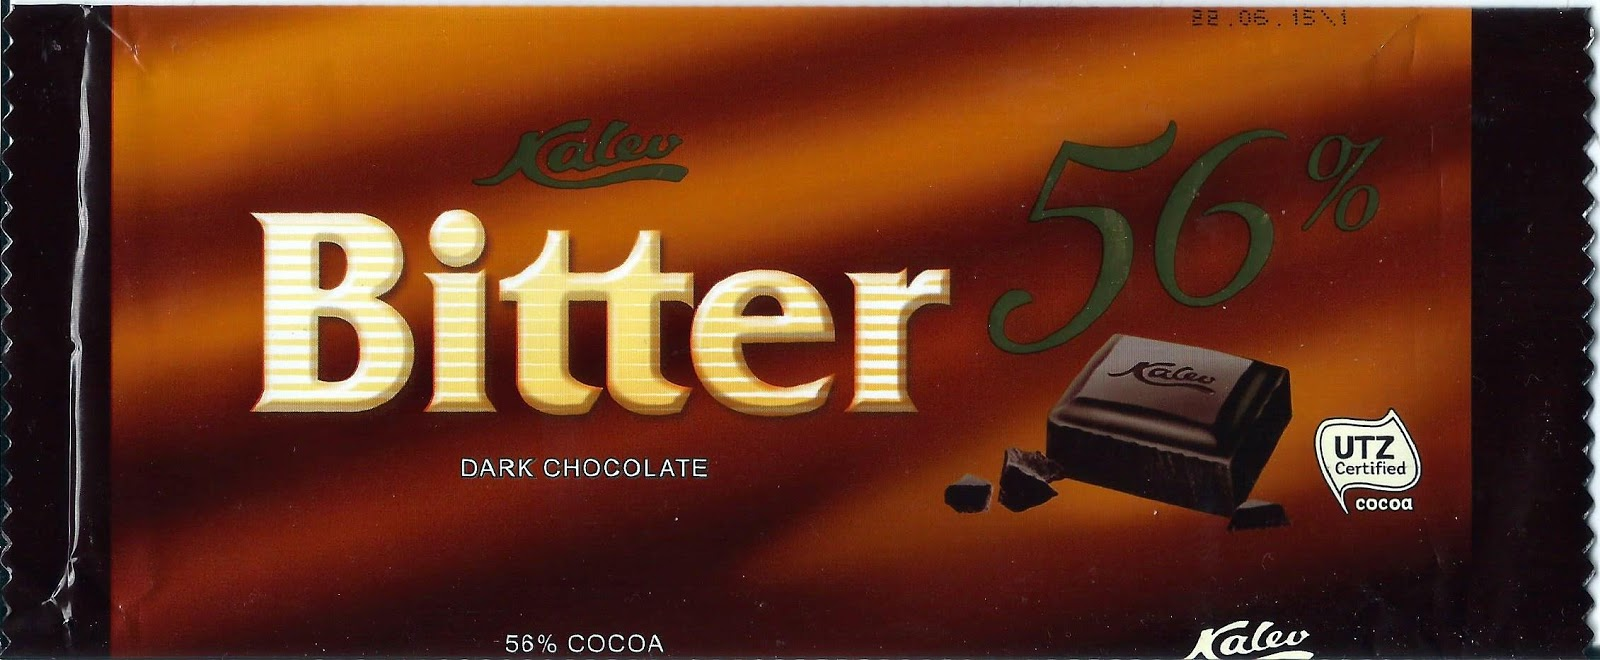 07a474683ab Janne šokolaadipaberid: 2015 Tume šokolaad